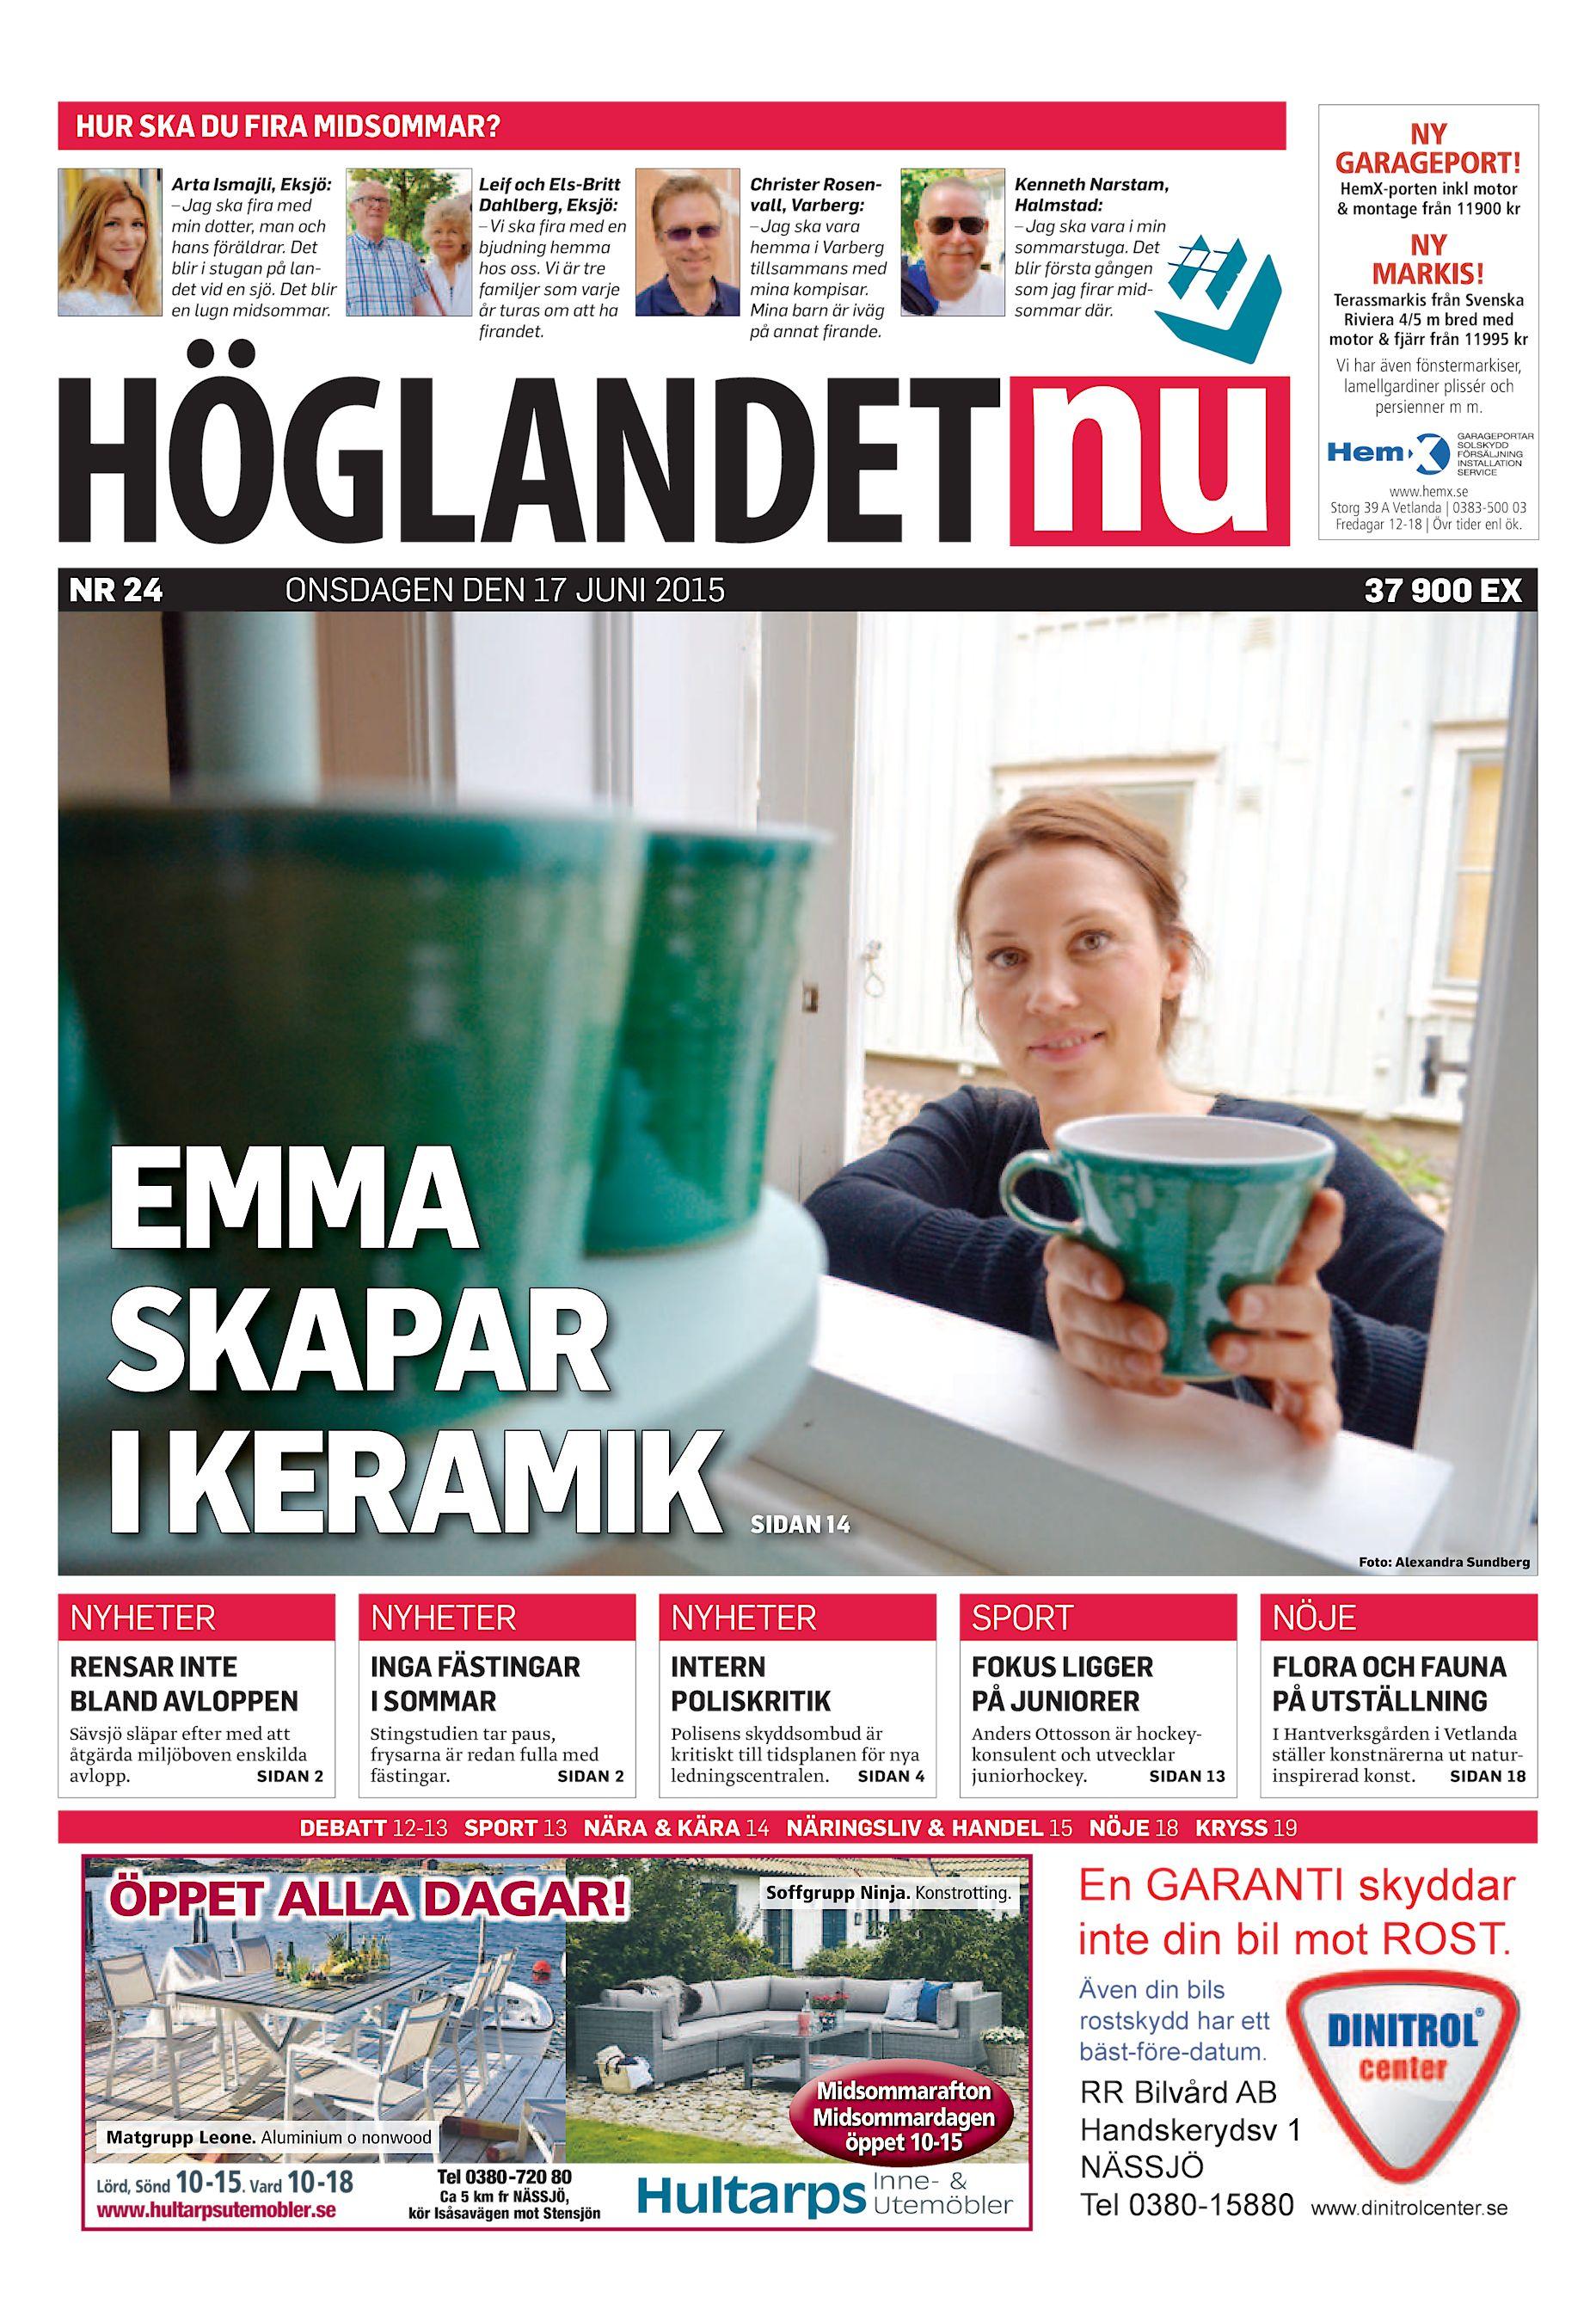 Höglandet.nu HNU-20150617 (endast text) e89f7e7dc81ce